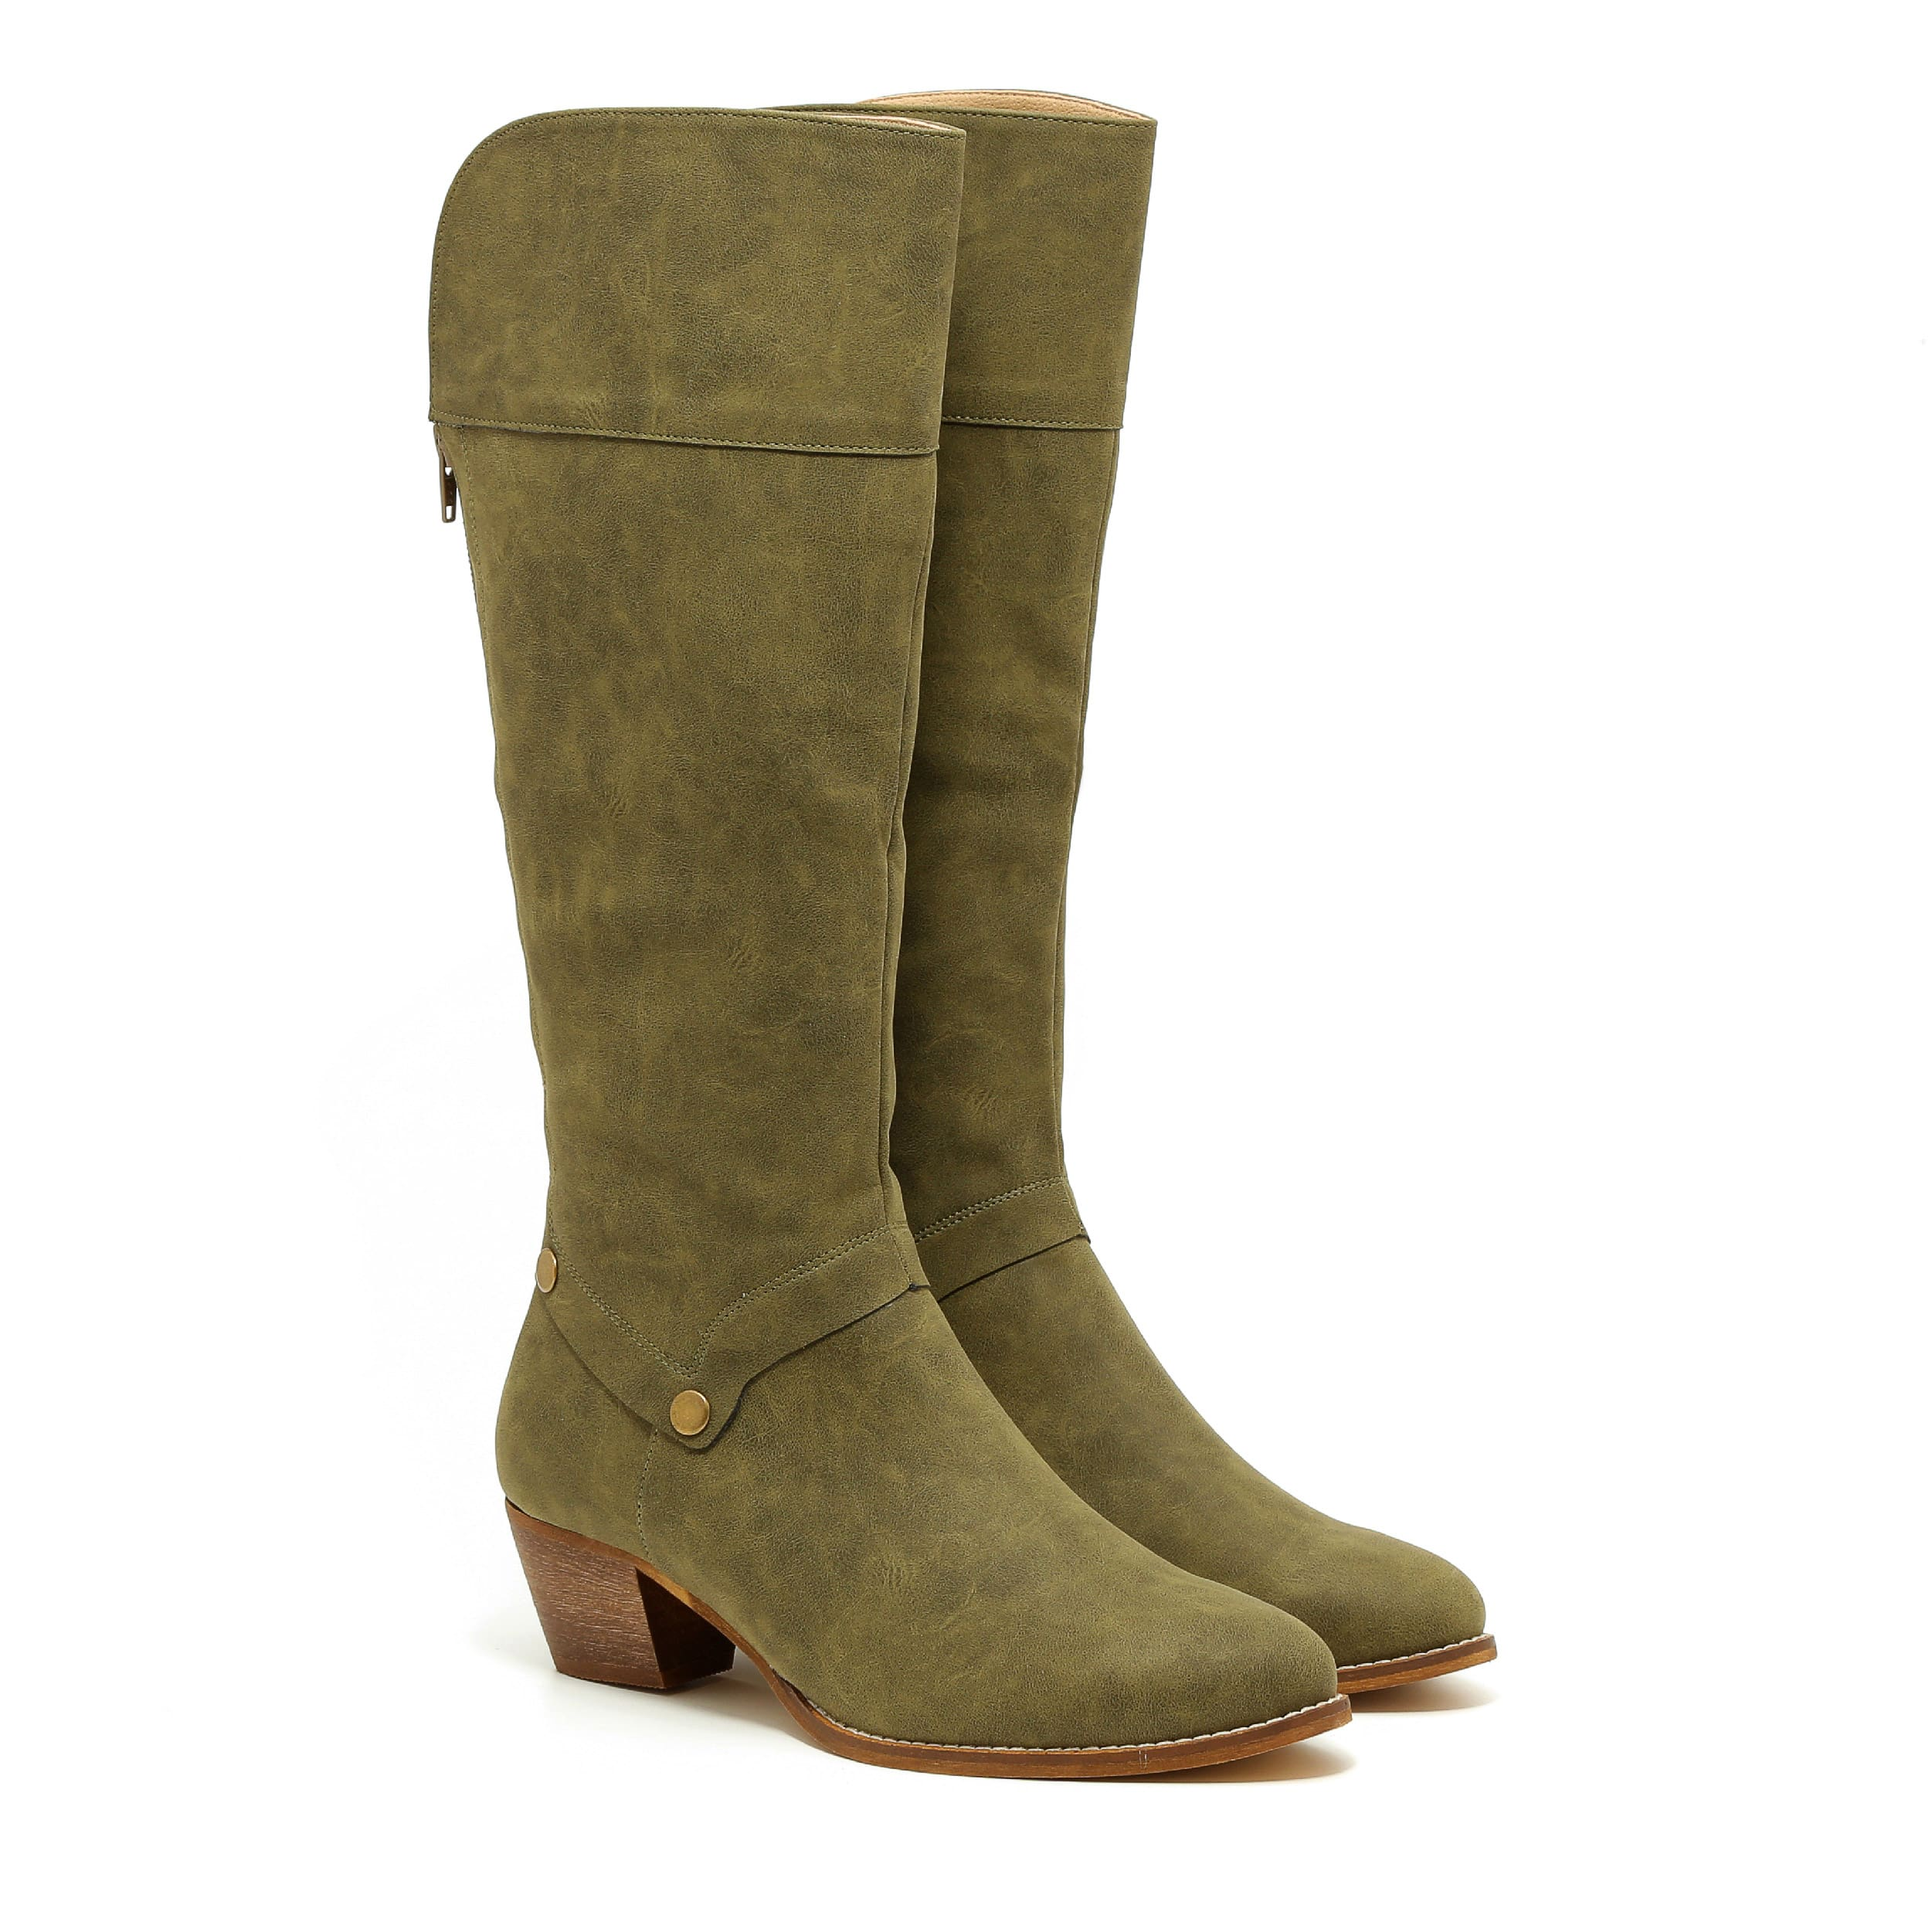 דגם דייזי: מגפיים טבעוניים לנשים